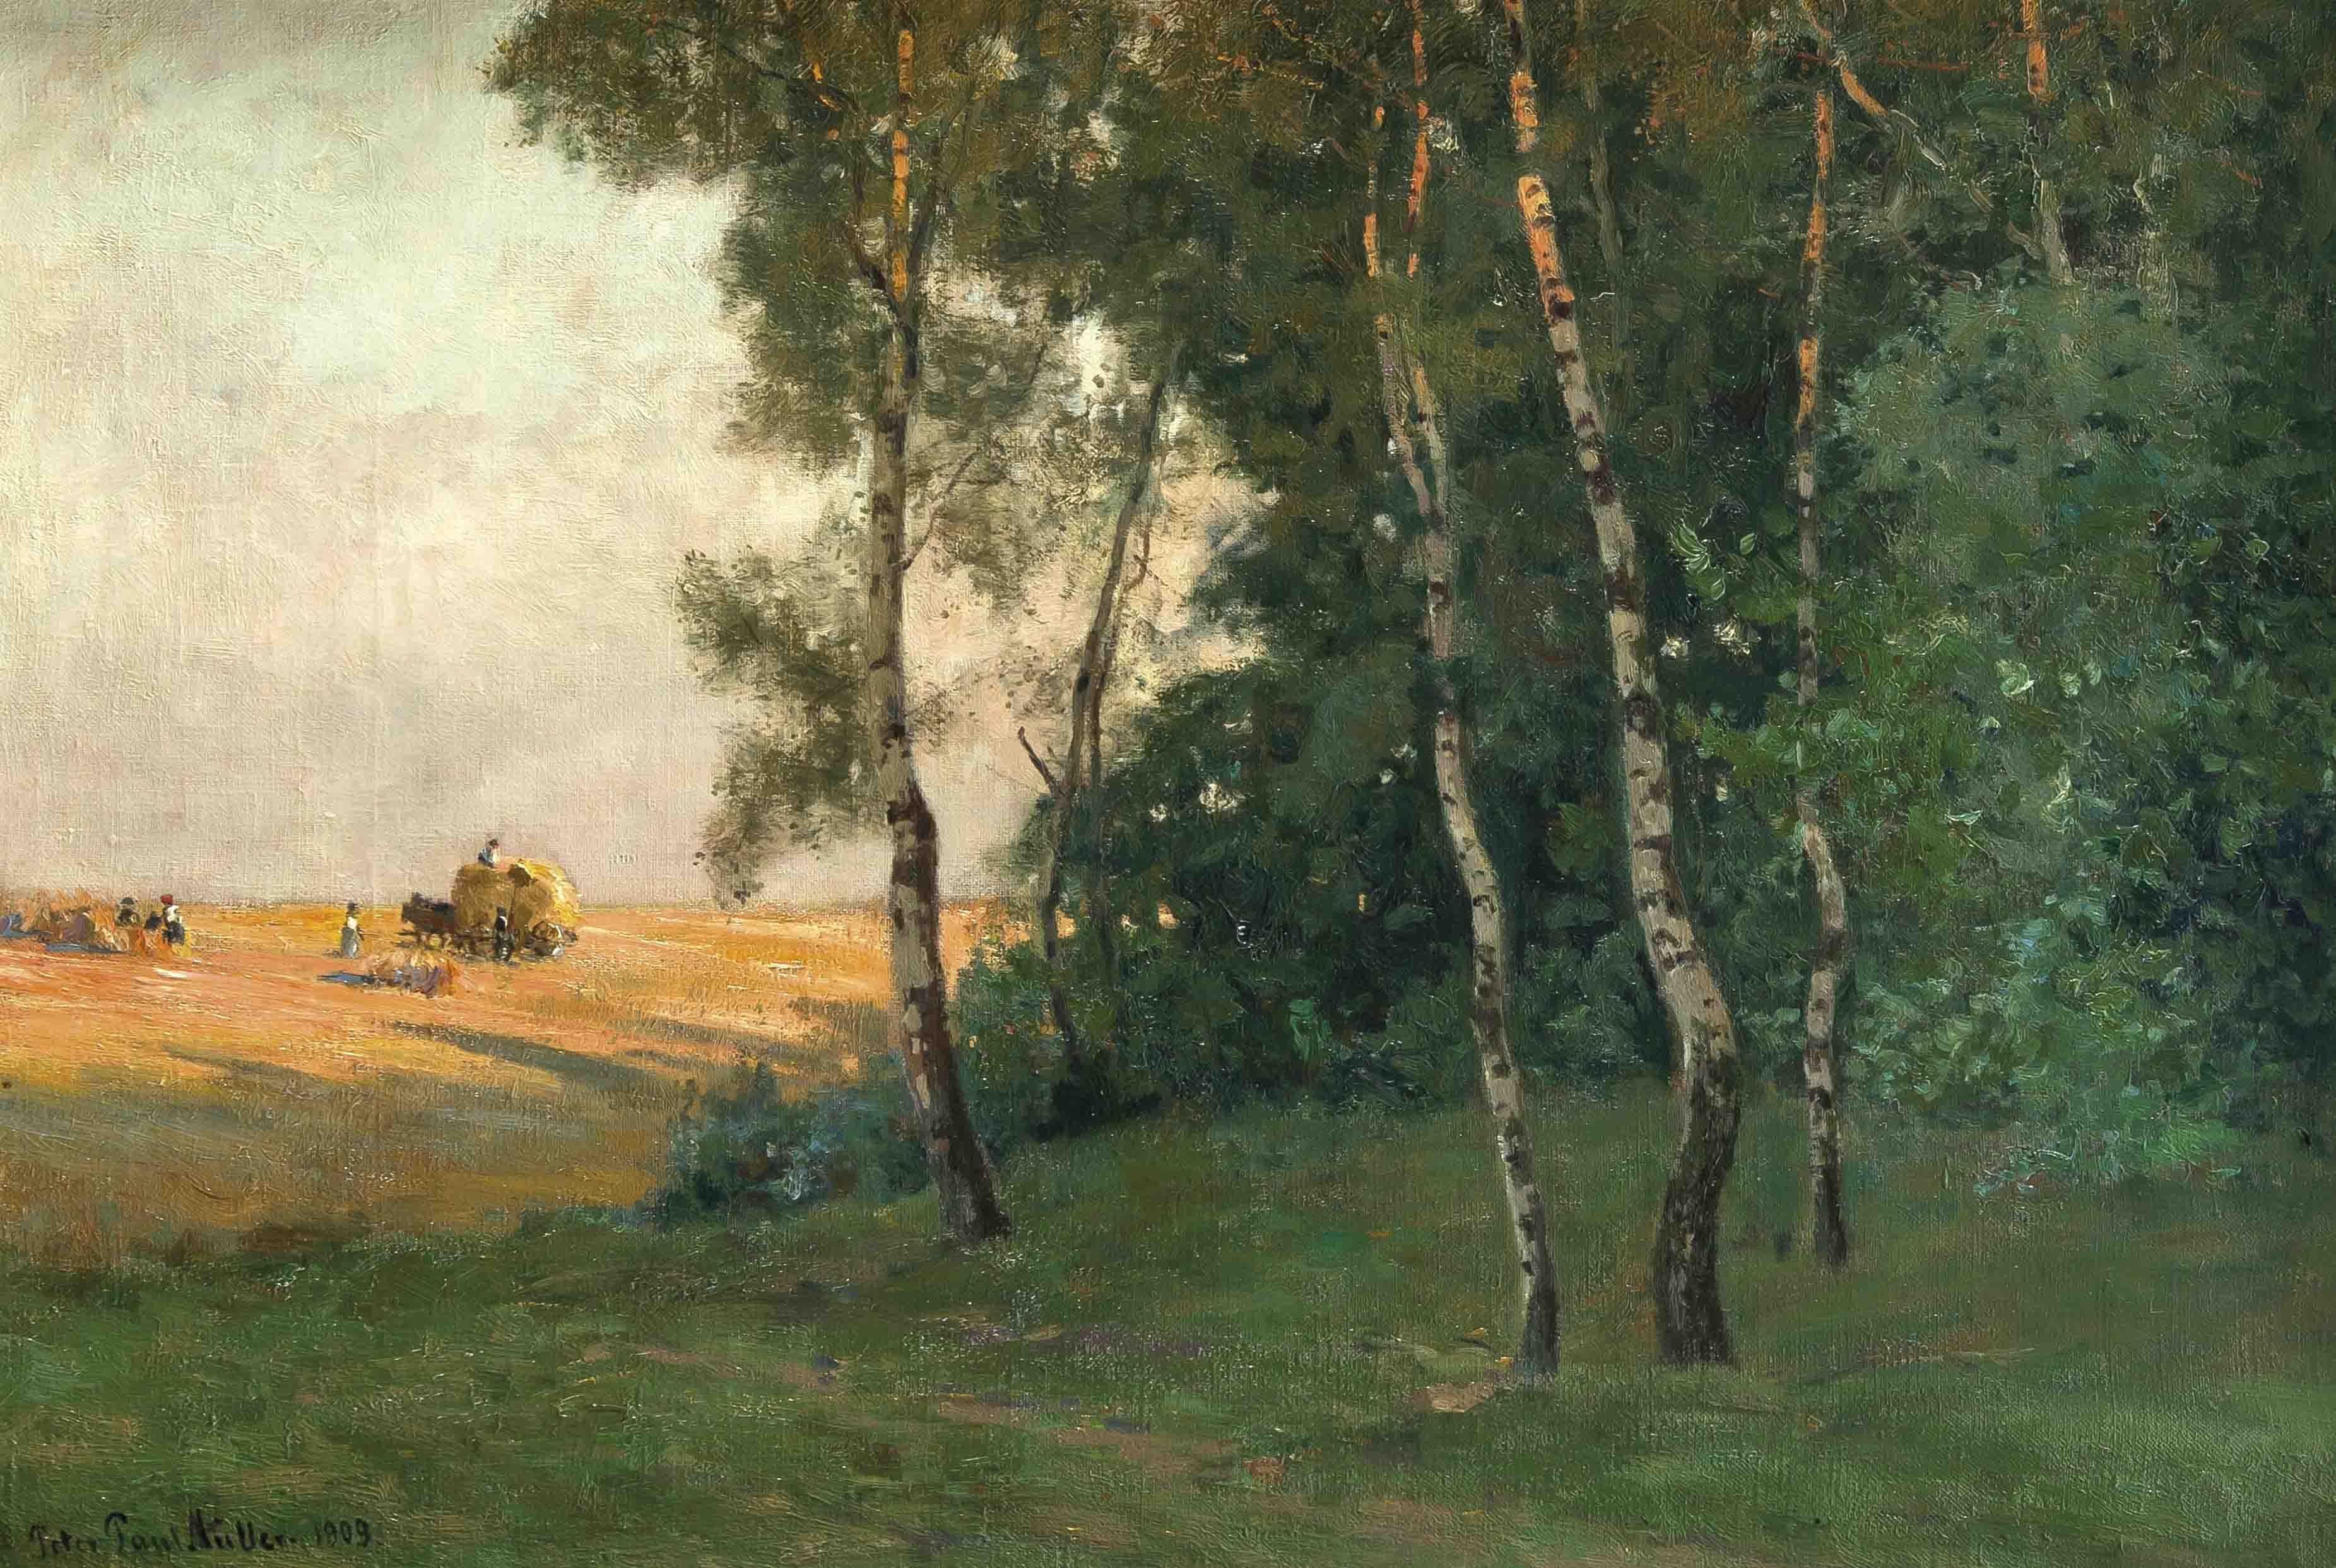 Auktionslos 1285 - Peter Paul Müller (1853-1930), in Berlin geb. Landschaftsmaler, war tätig in Weimar undMünchen,